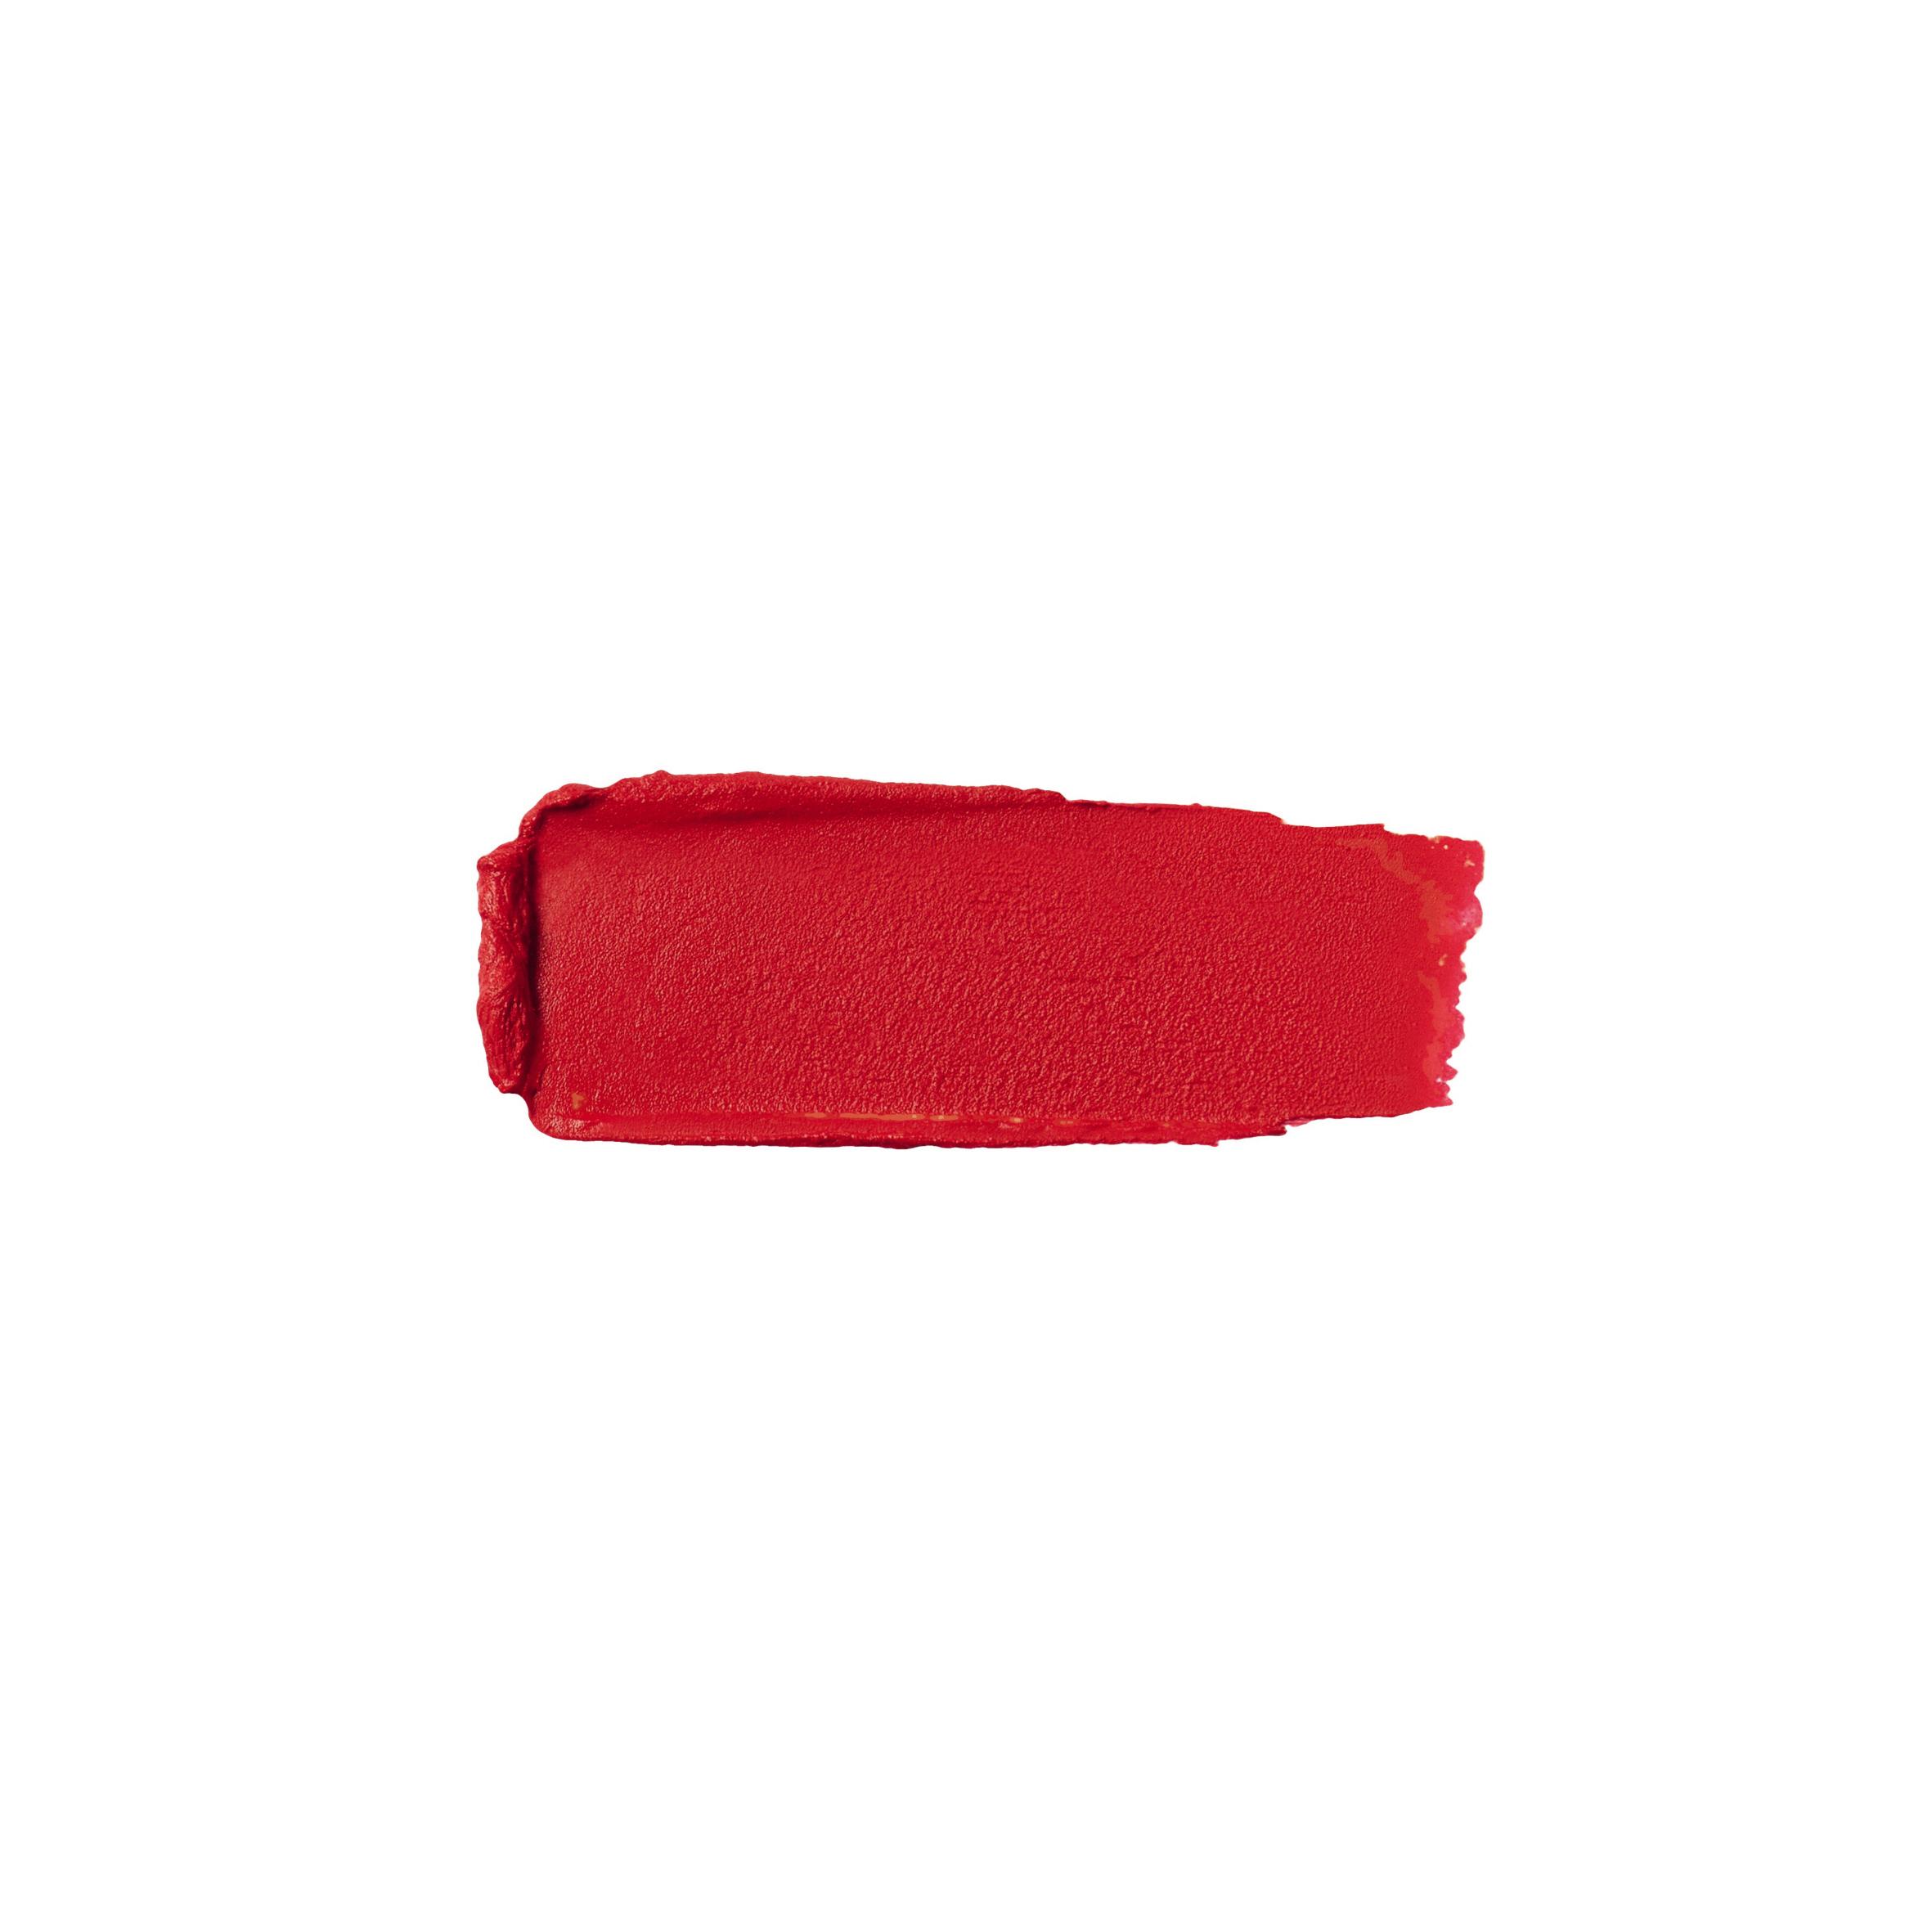 Rouge G Refill Matte Lipstick 24